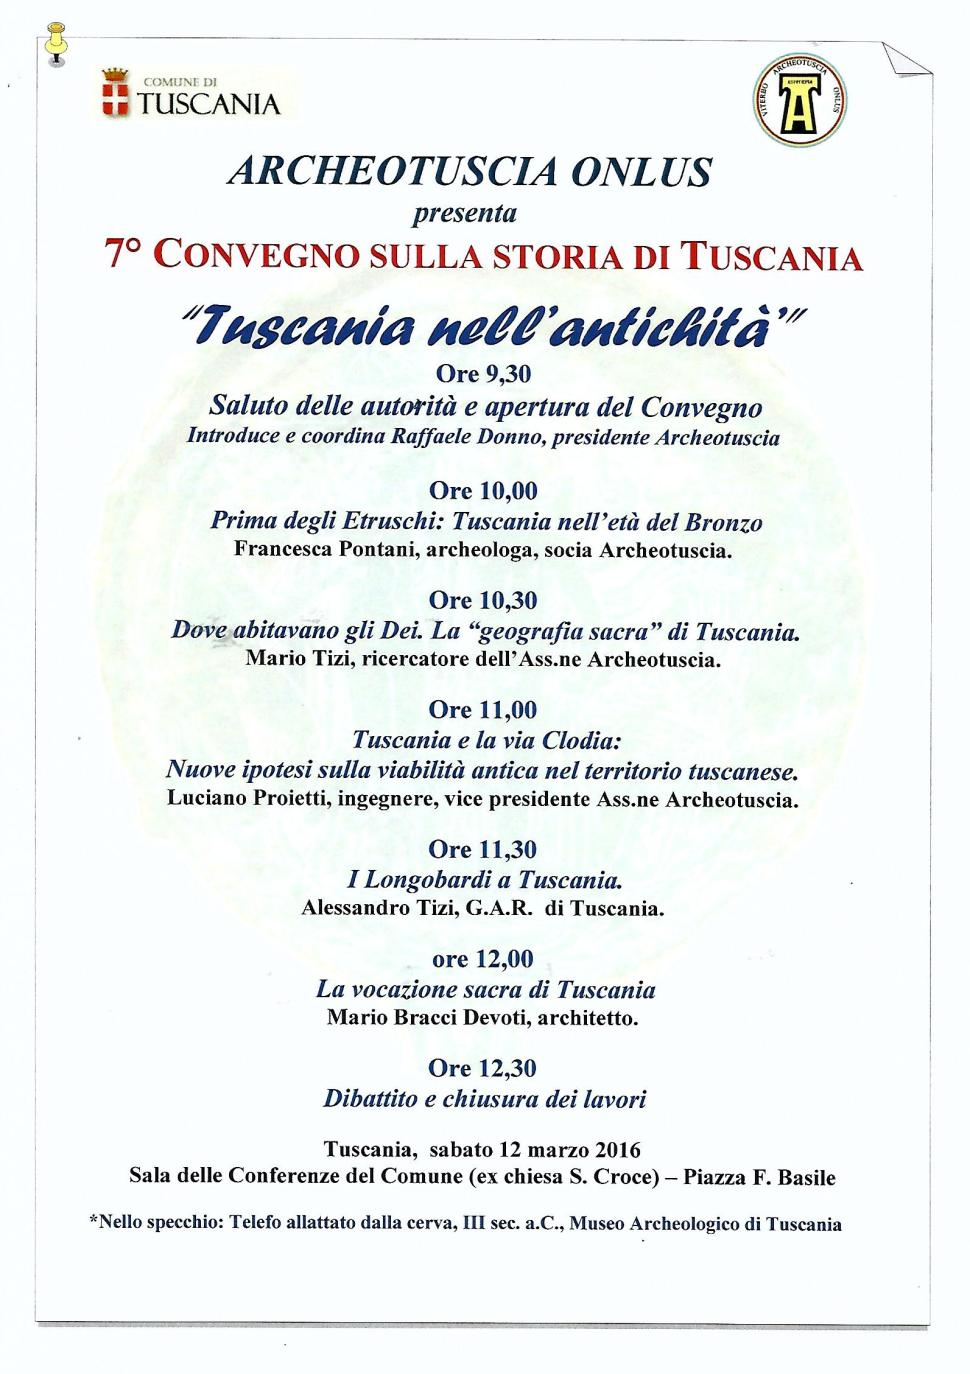 Convegno_Archeotuscia_Tuscania_2016